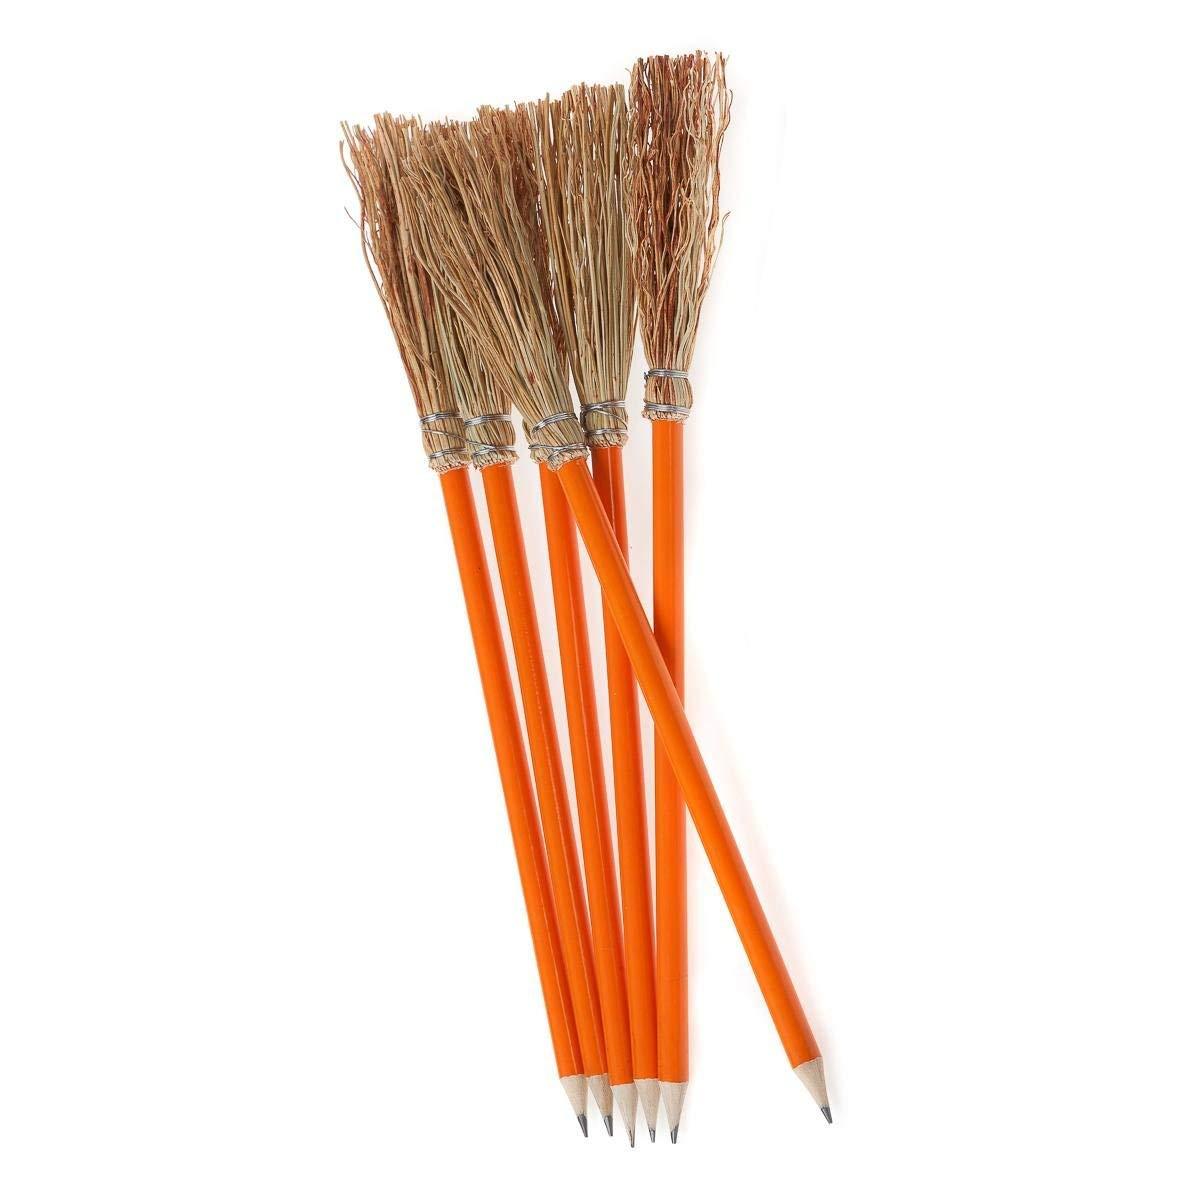 6matite Fantasy–26cm–Colore: Arancione Mendi